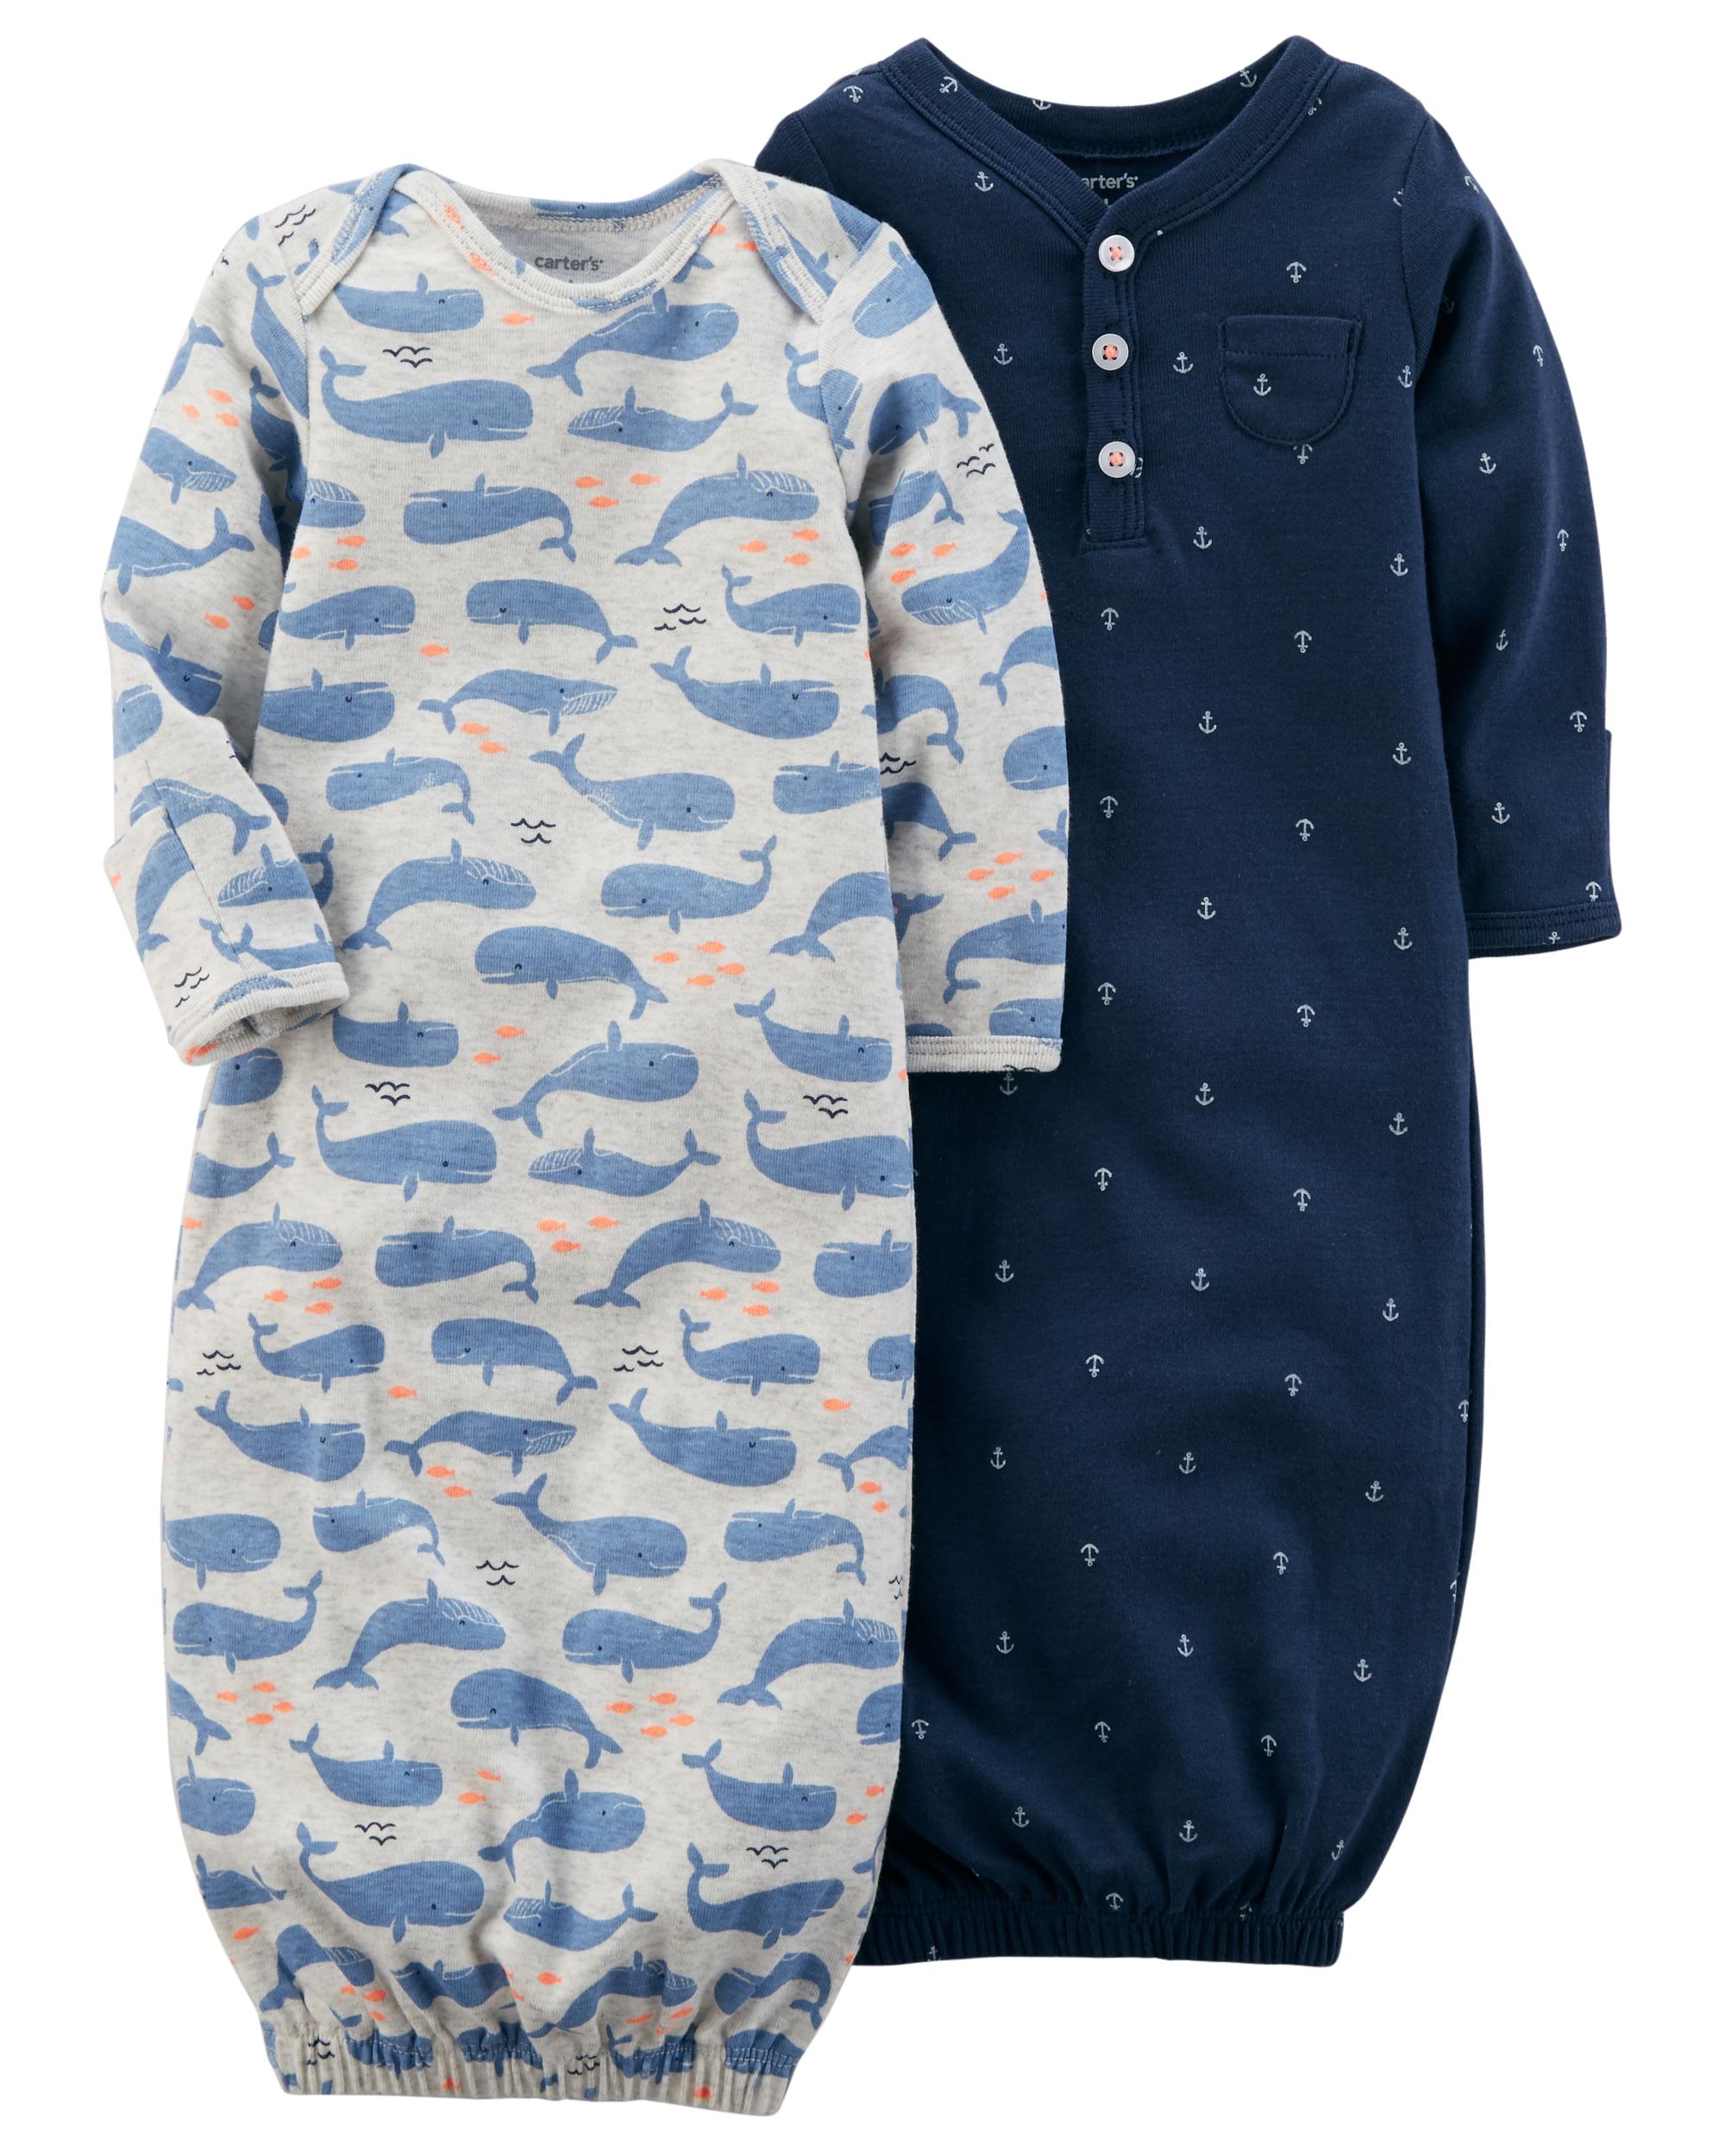 זוג שקי שינה לויתנים/כחול